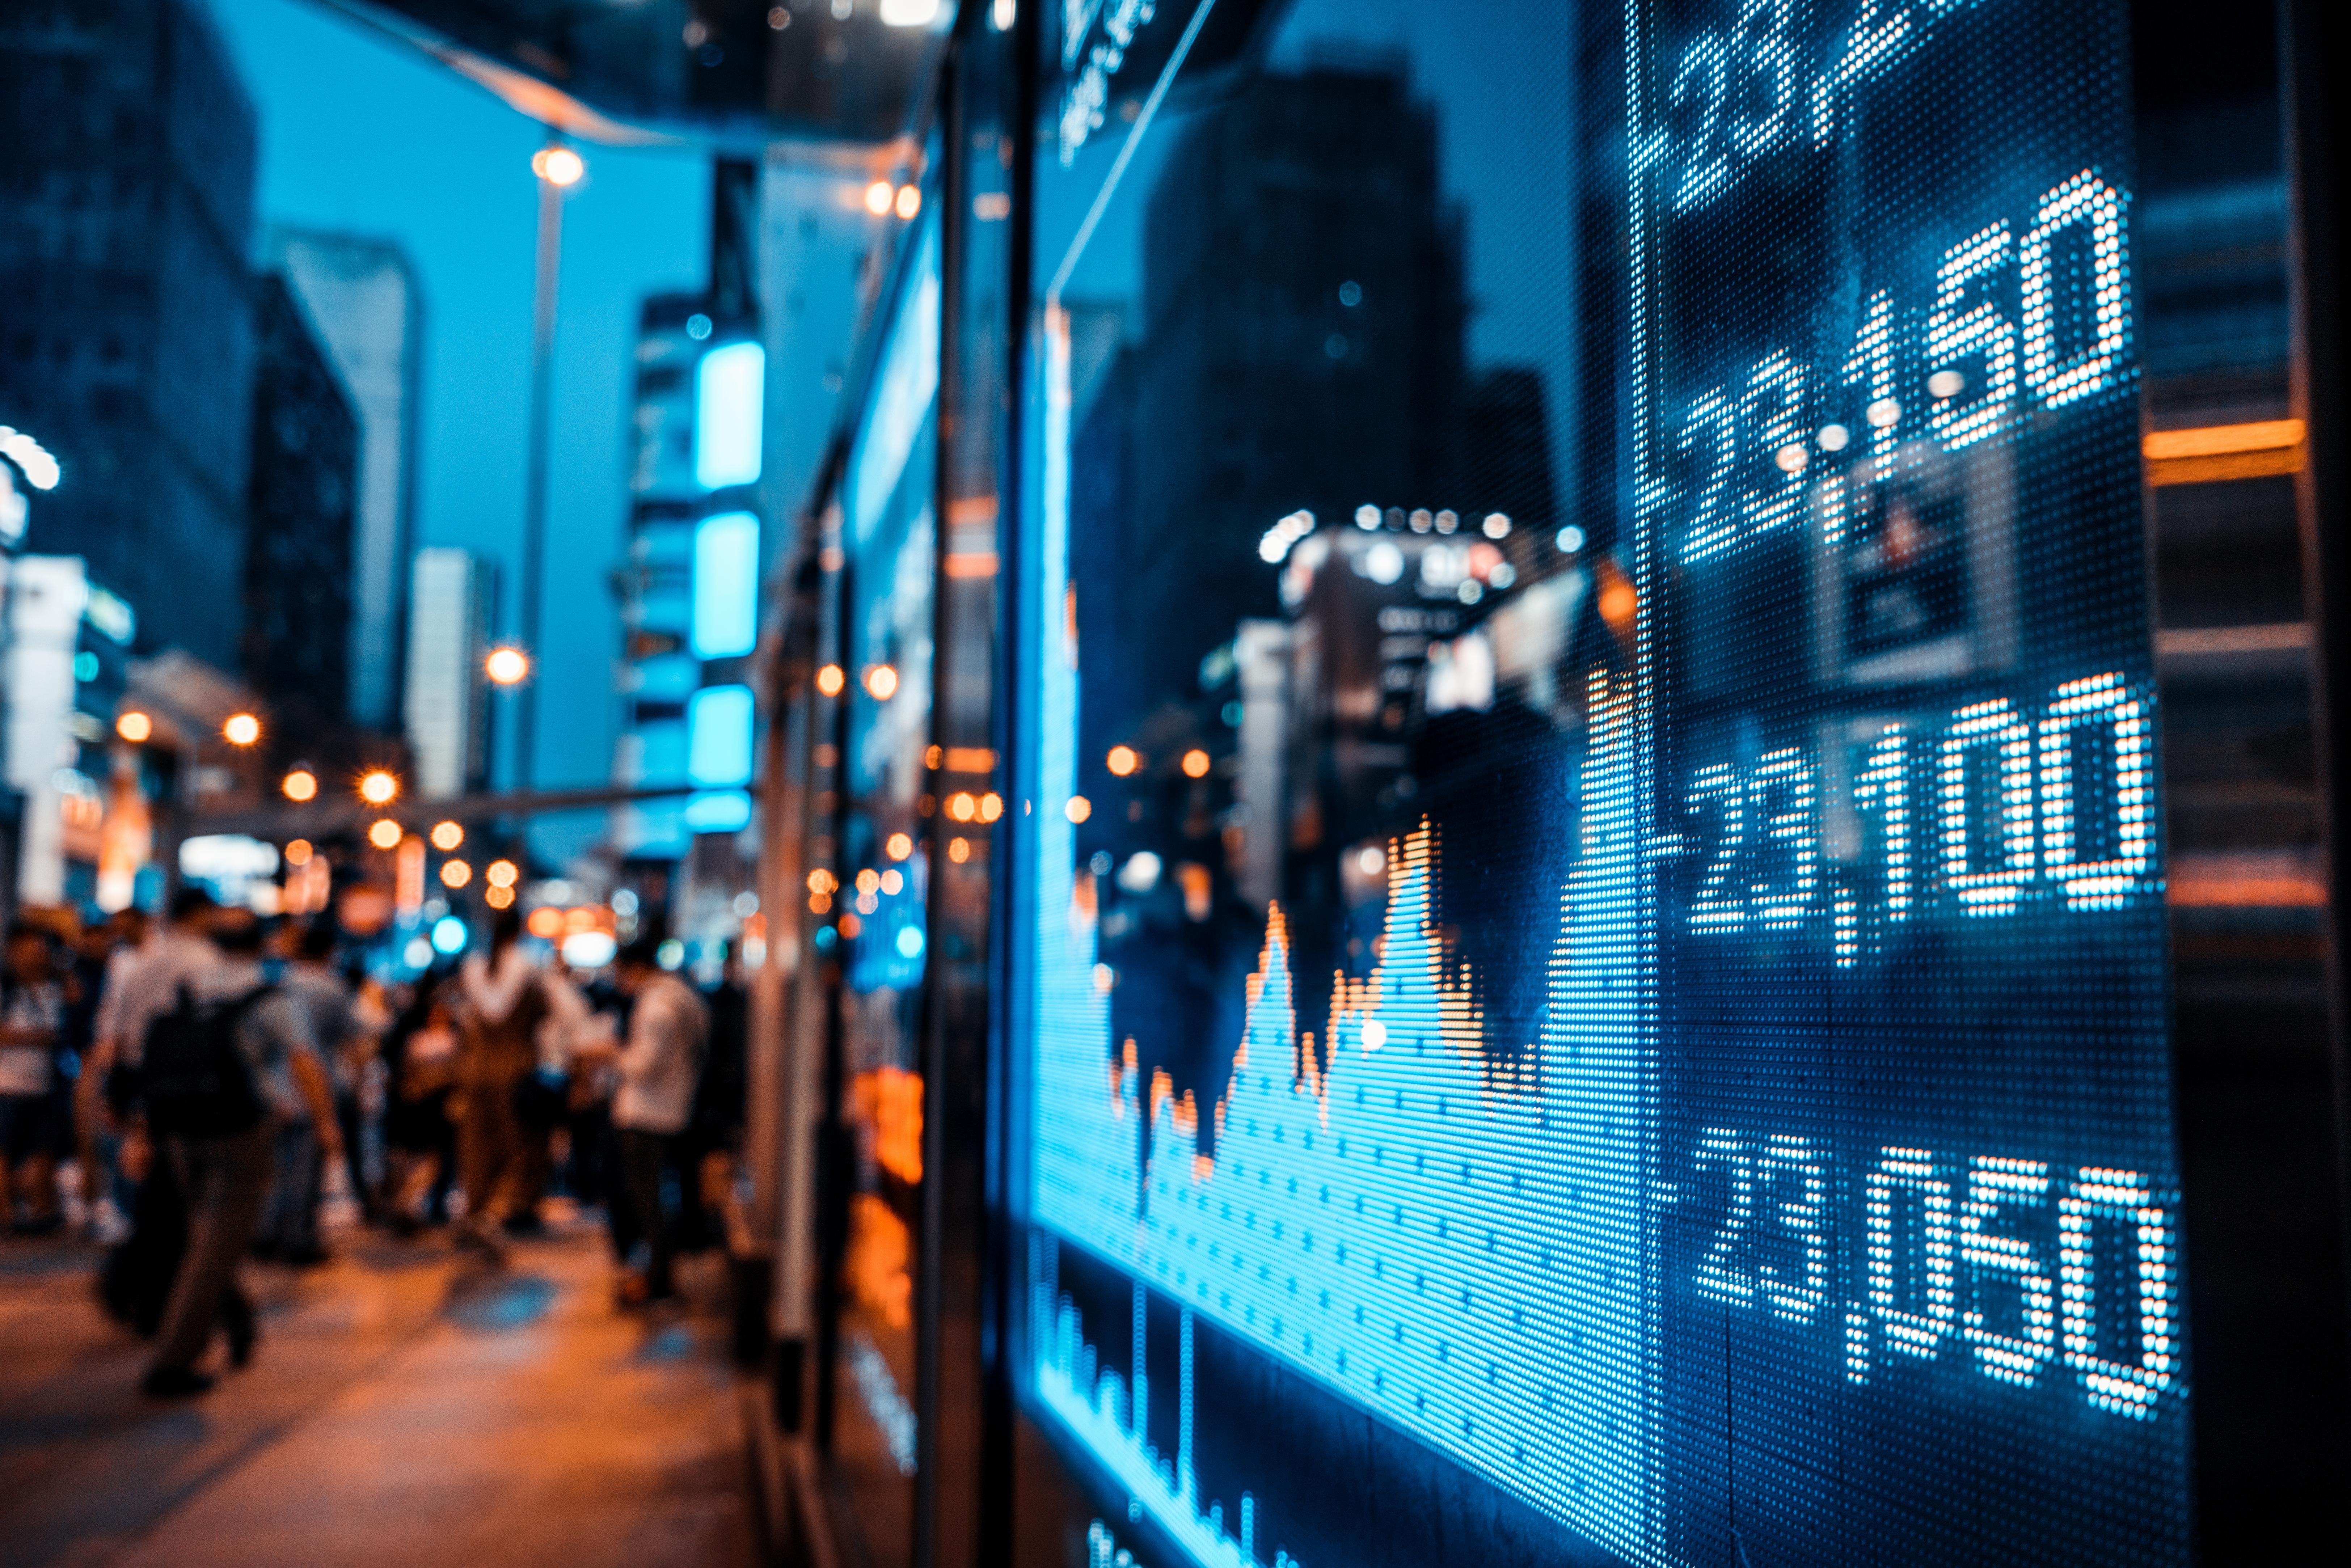 Inglese economico - finanziario: le 10 parole più utilizzate in inglese - Wall Street English